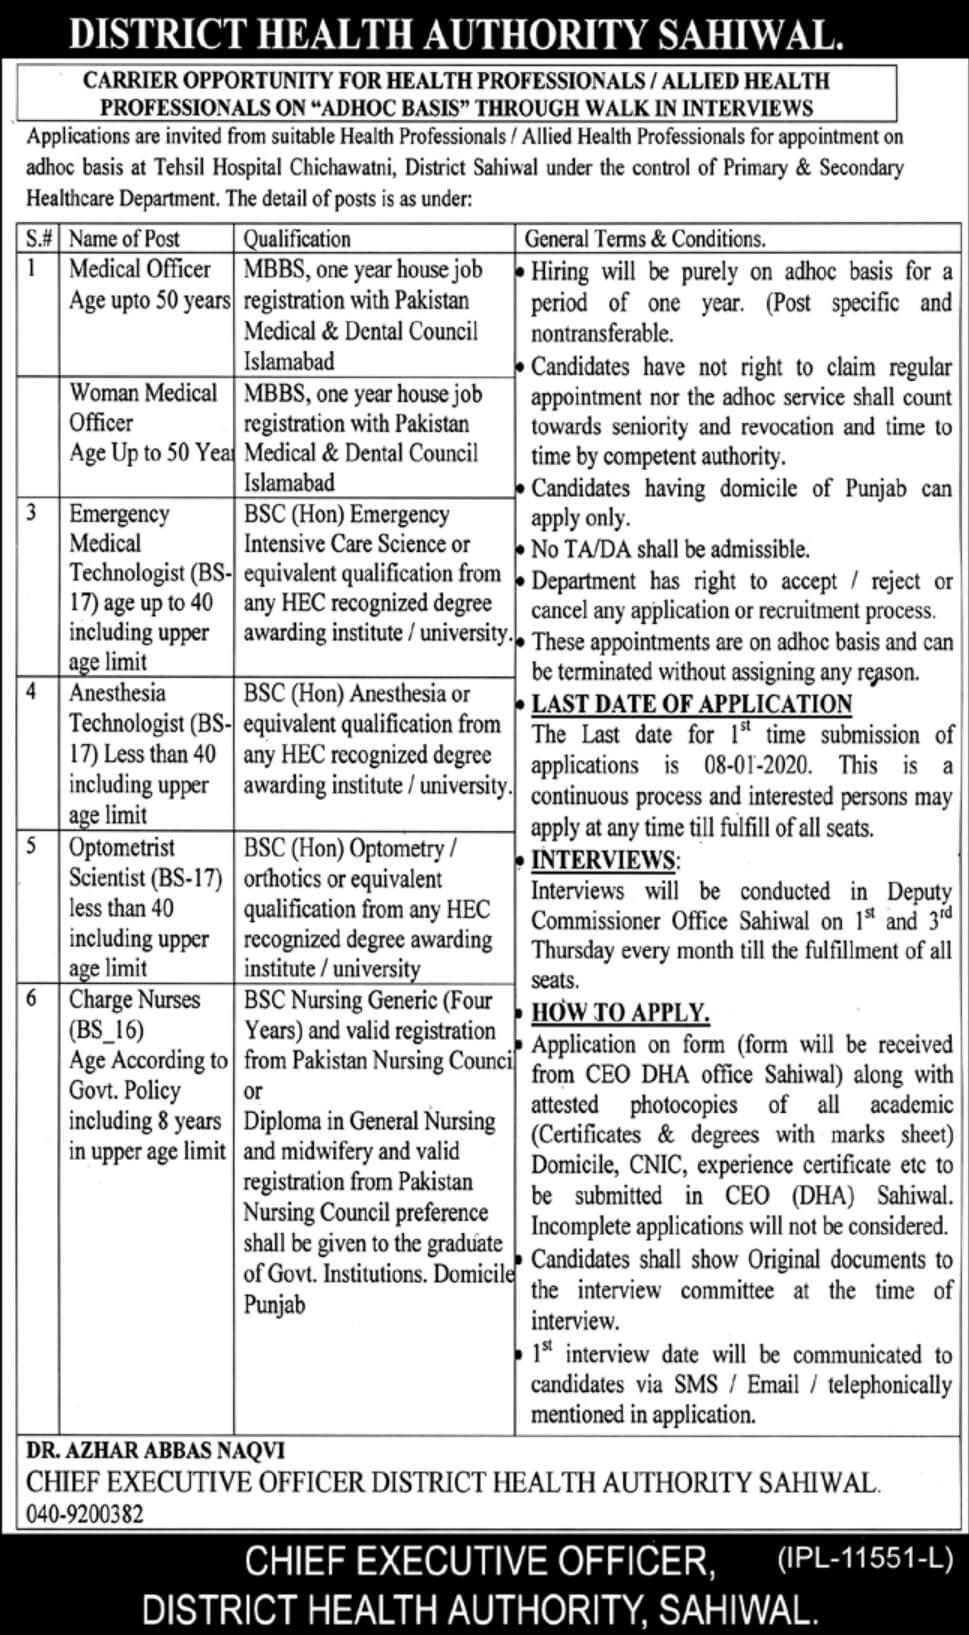 District-Health-Authority-Sahiwal-Jobs-2019